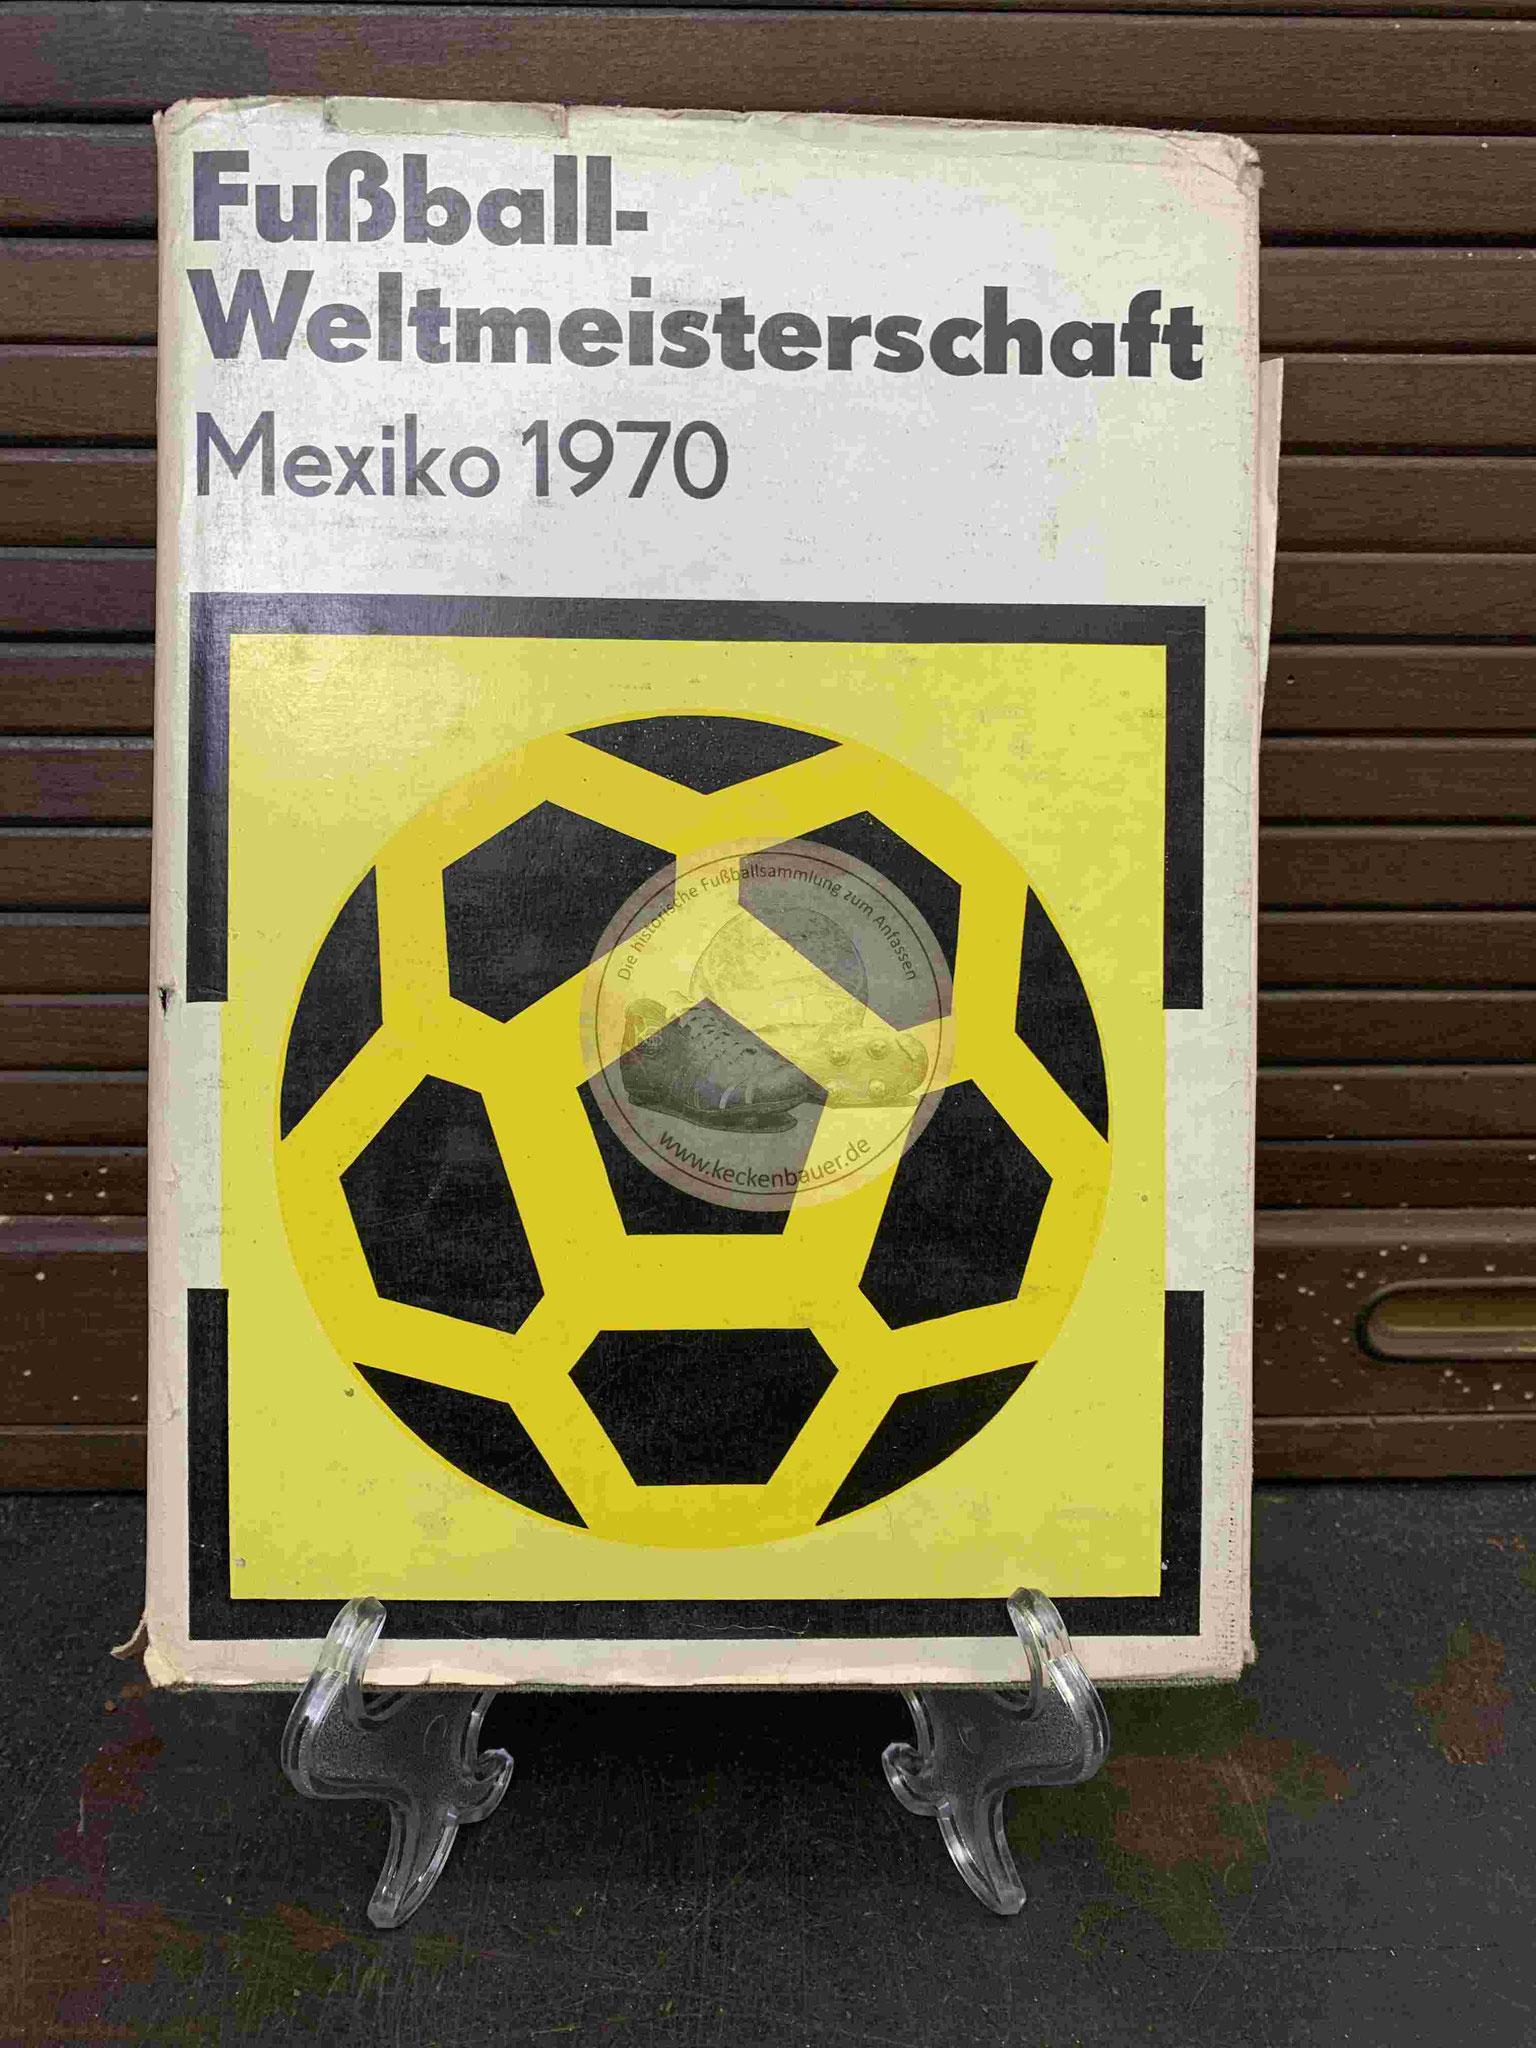 Fußball Weltmeisterschaft Mexico 1970